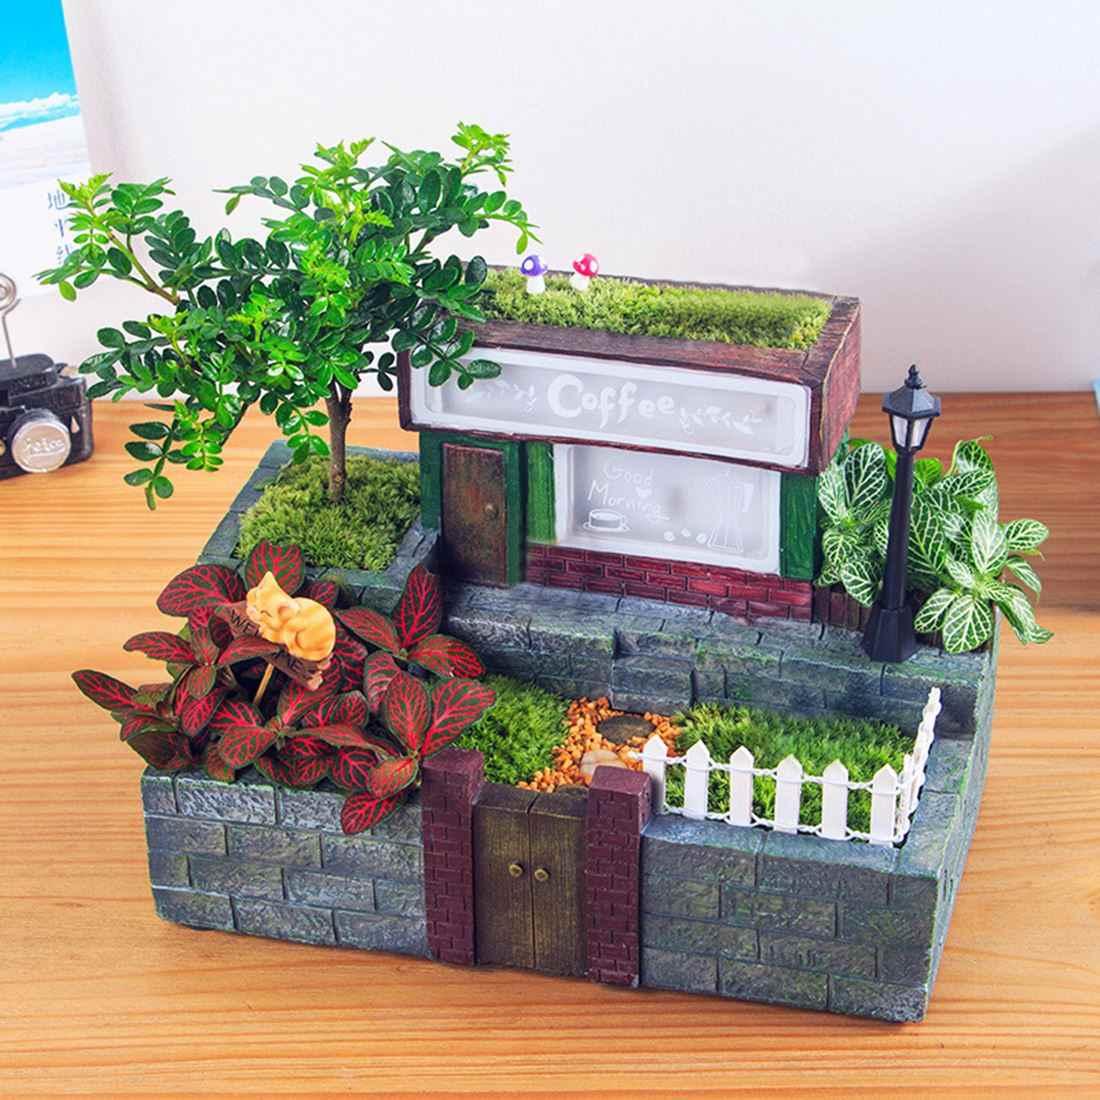 1 個クリエイティブ田園樹脂プラント花壇多肉植物ポットプランター盆栽ボックス植物ベッドライトグレース花屋